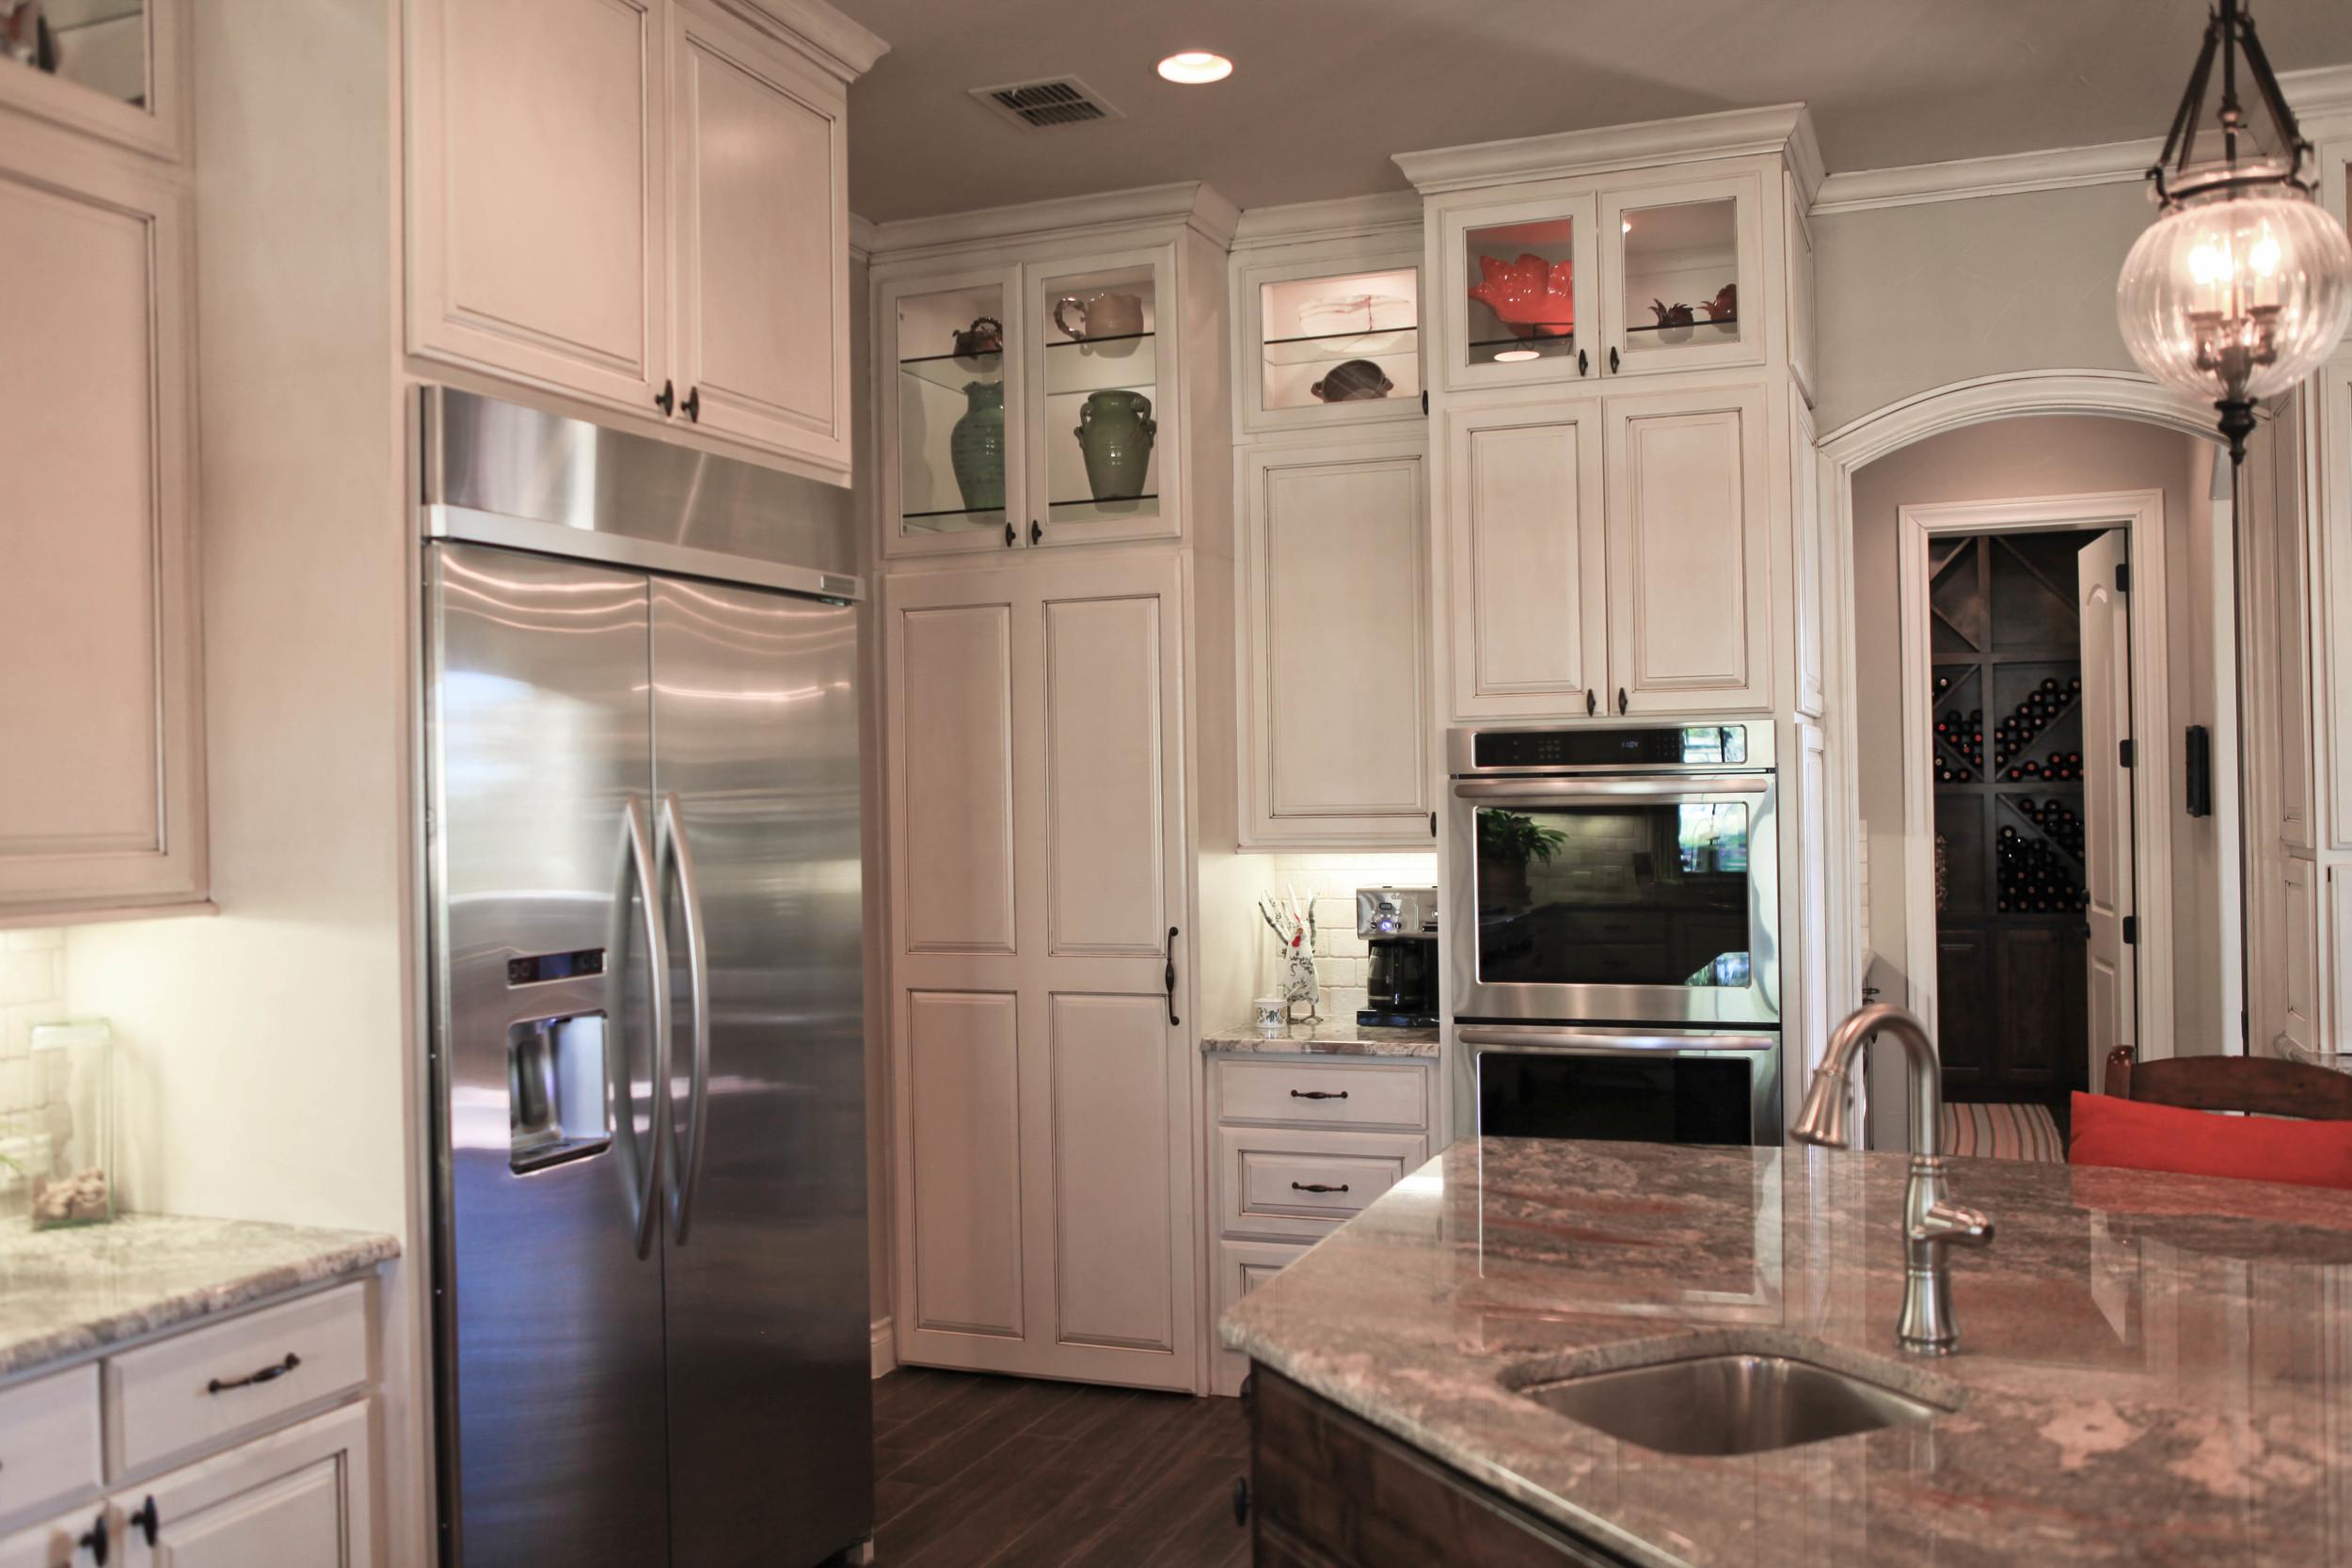 kitchen-hidden pantry 2.jpg